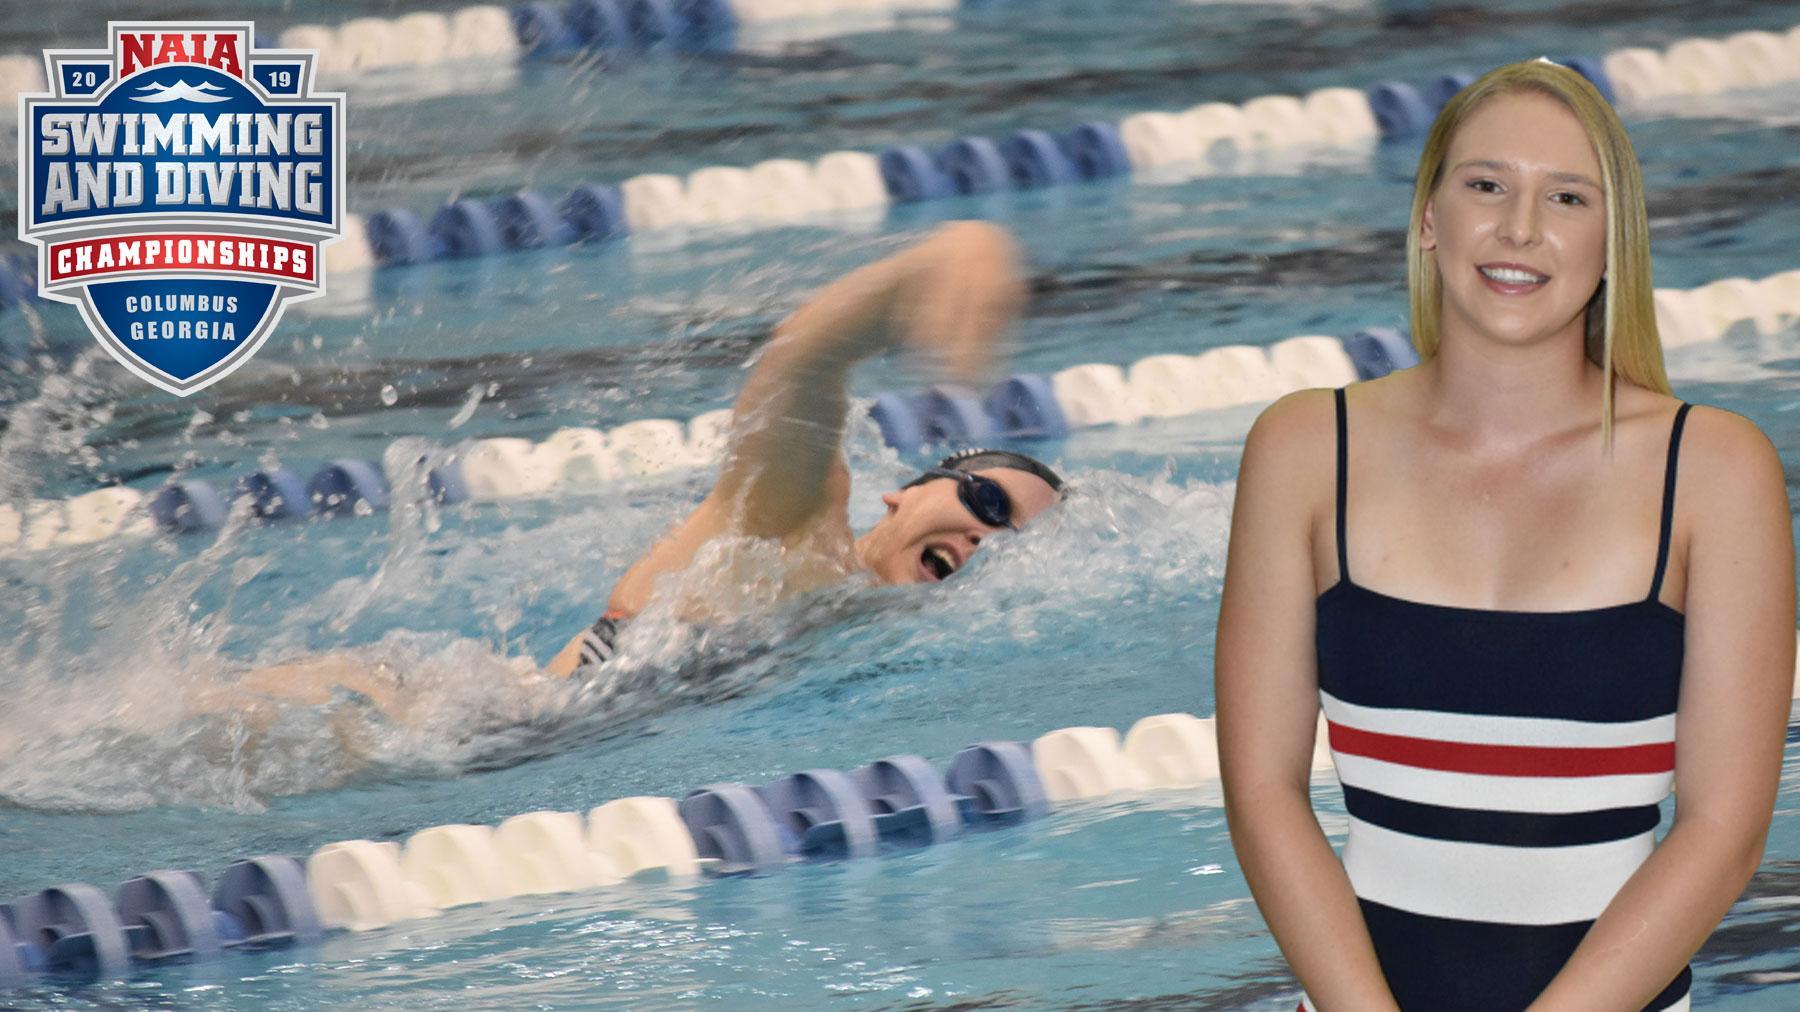 629e2b7f97 2018-19 Women's Swimming & Diving | Union College Athletics